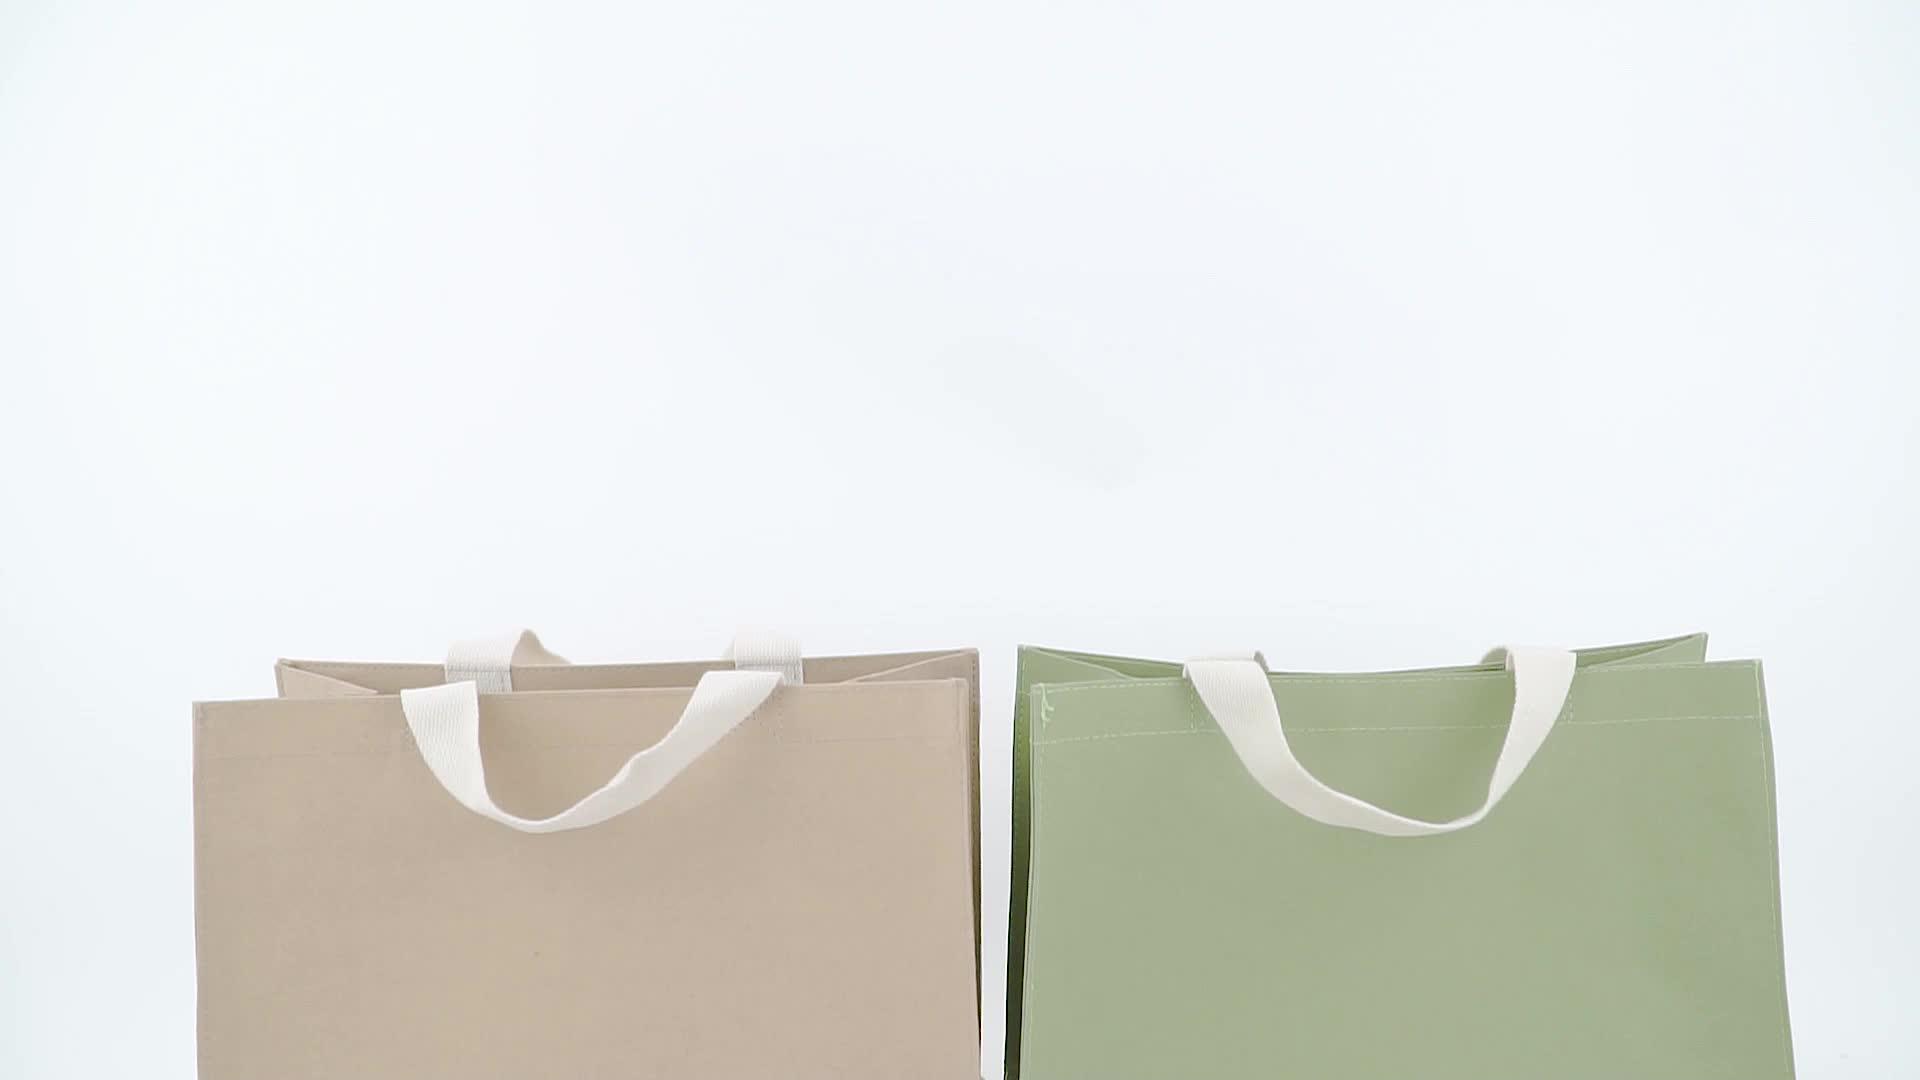 ファッションプリントパターン洗える紙袋クラフト再利用可能な印刷紙ショッピングバッグ